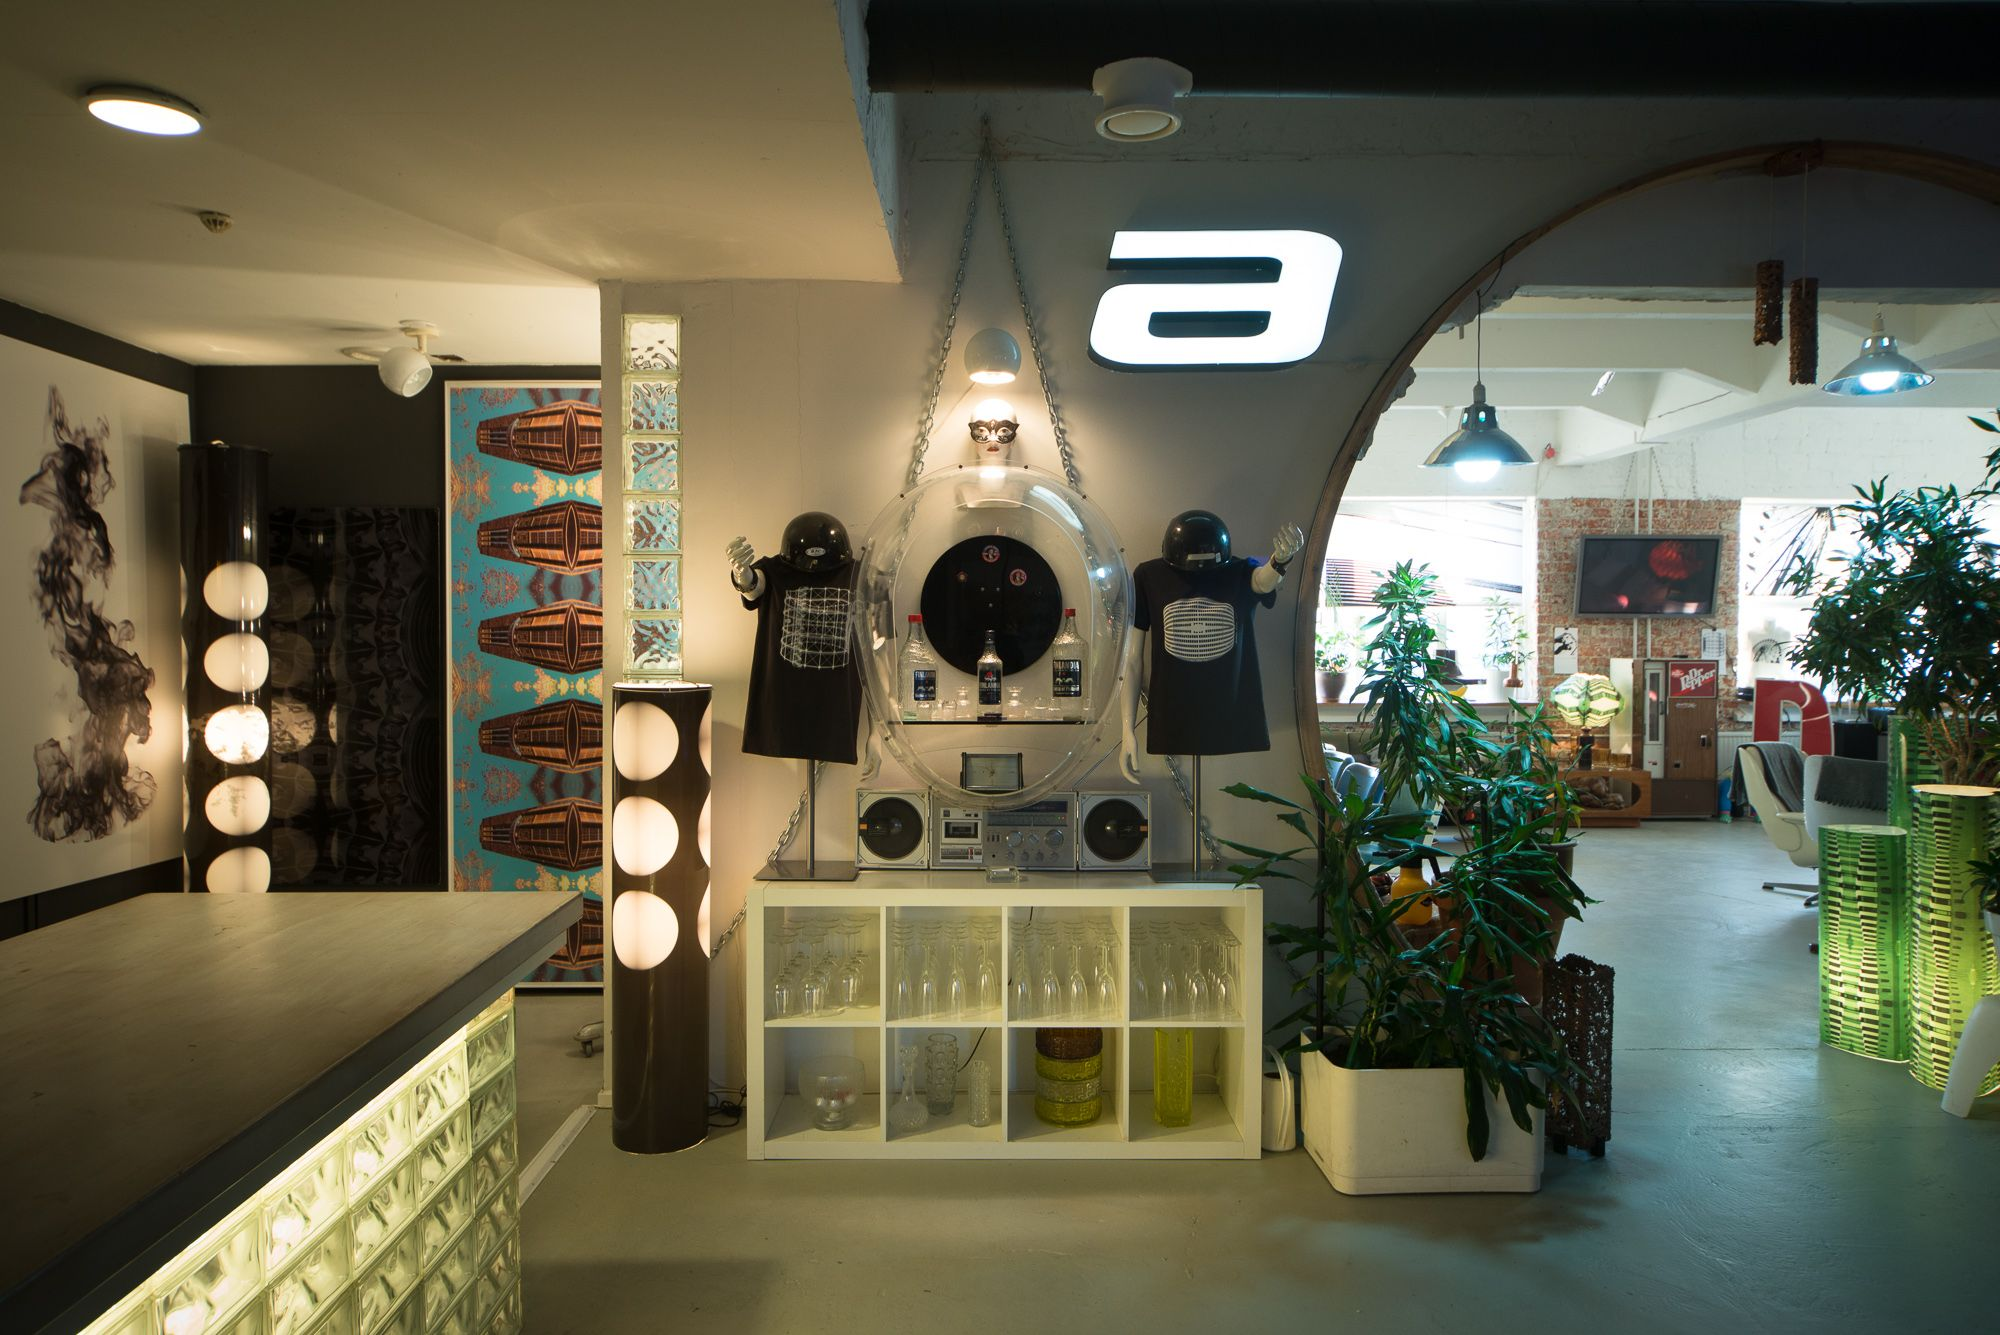 Art Studio Vallila - tila mediatilaisuuteen, tuotelanseeraukseen, vaikuttajatapahtumaan tai PR-tilaisuuteen / Venuu.fi